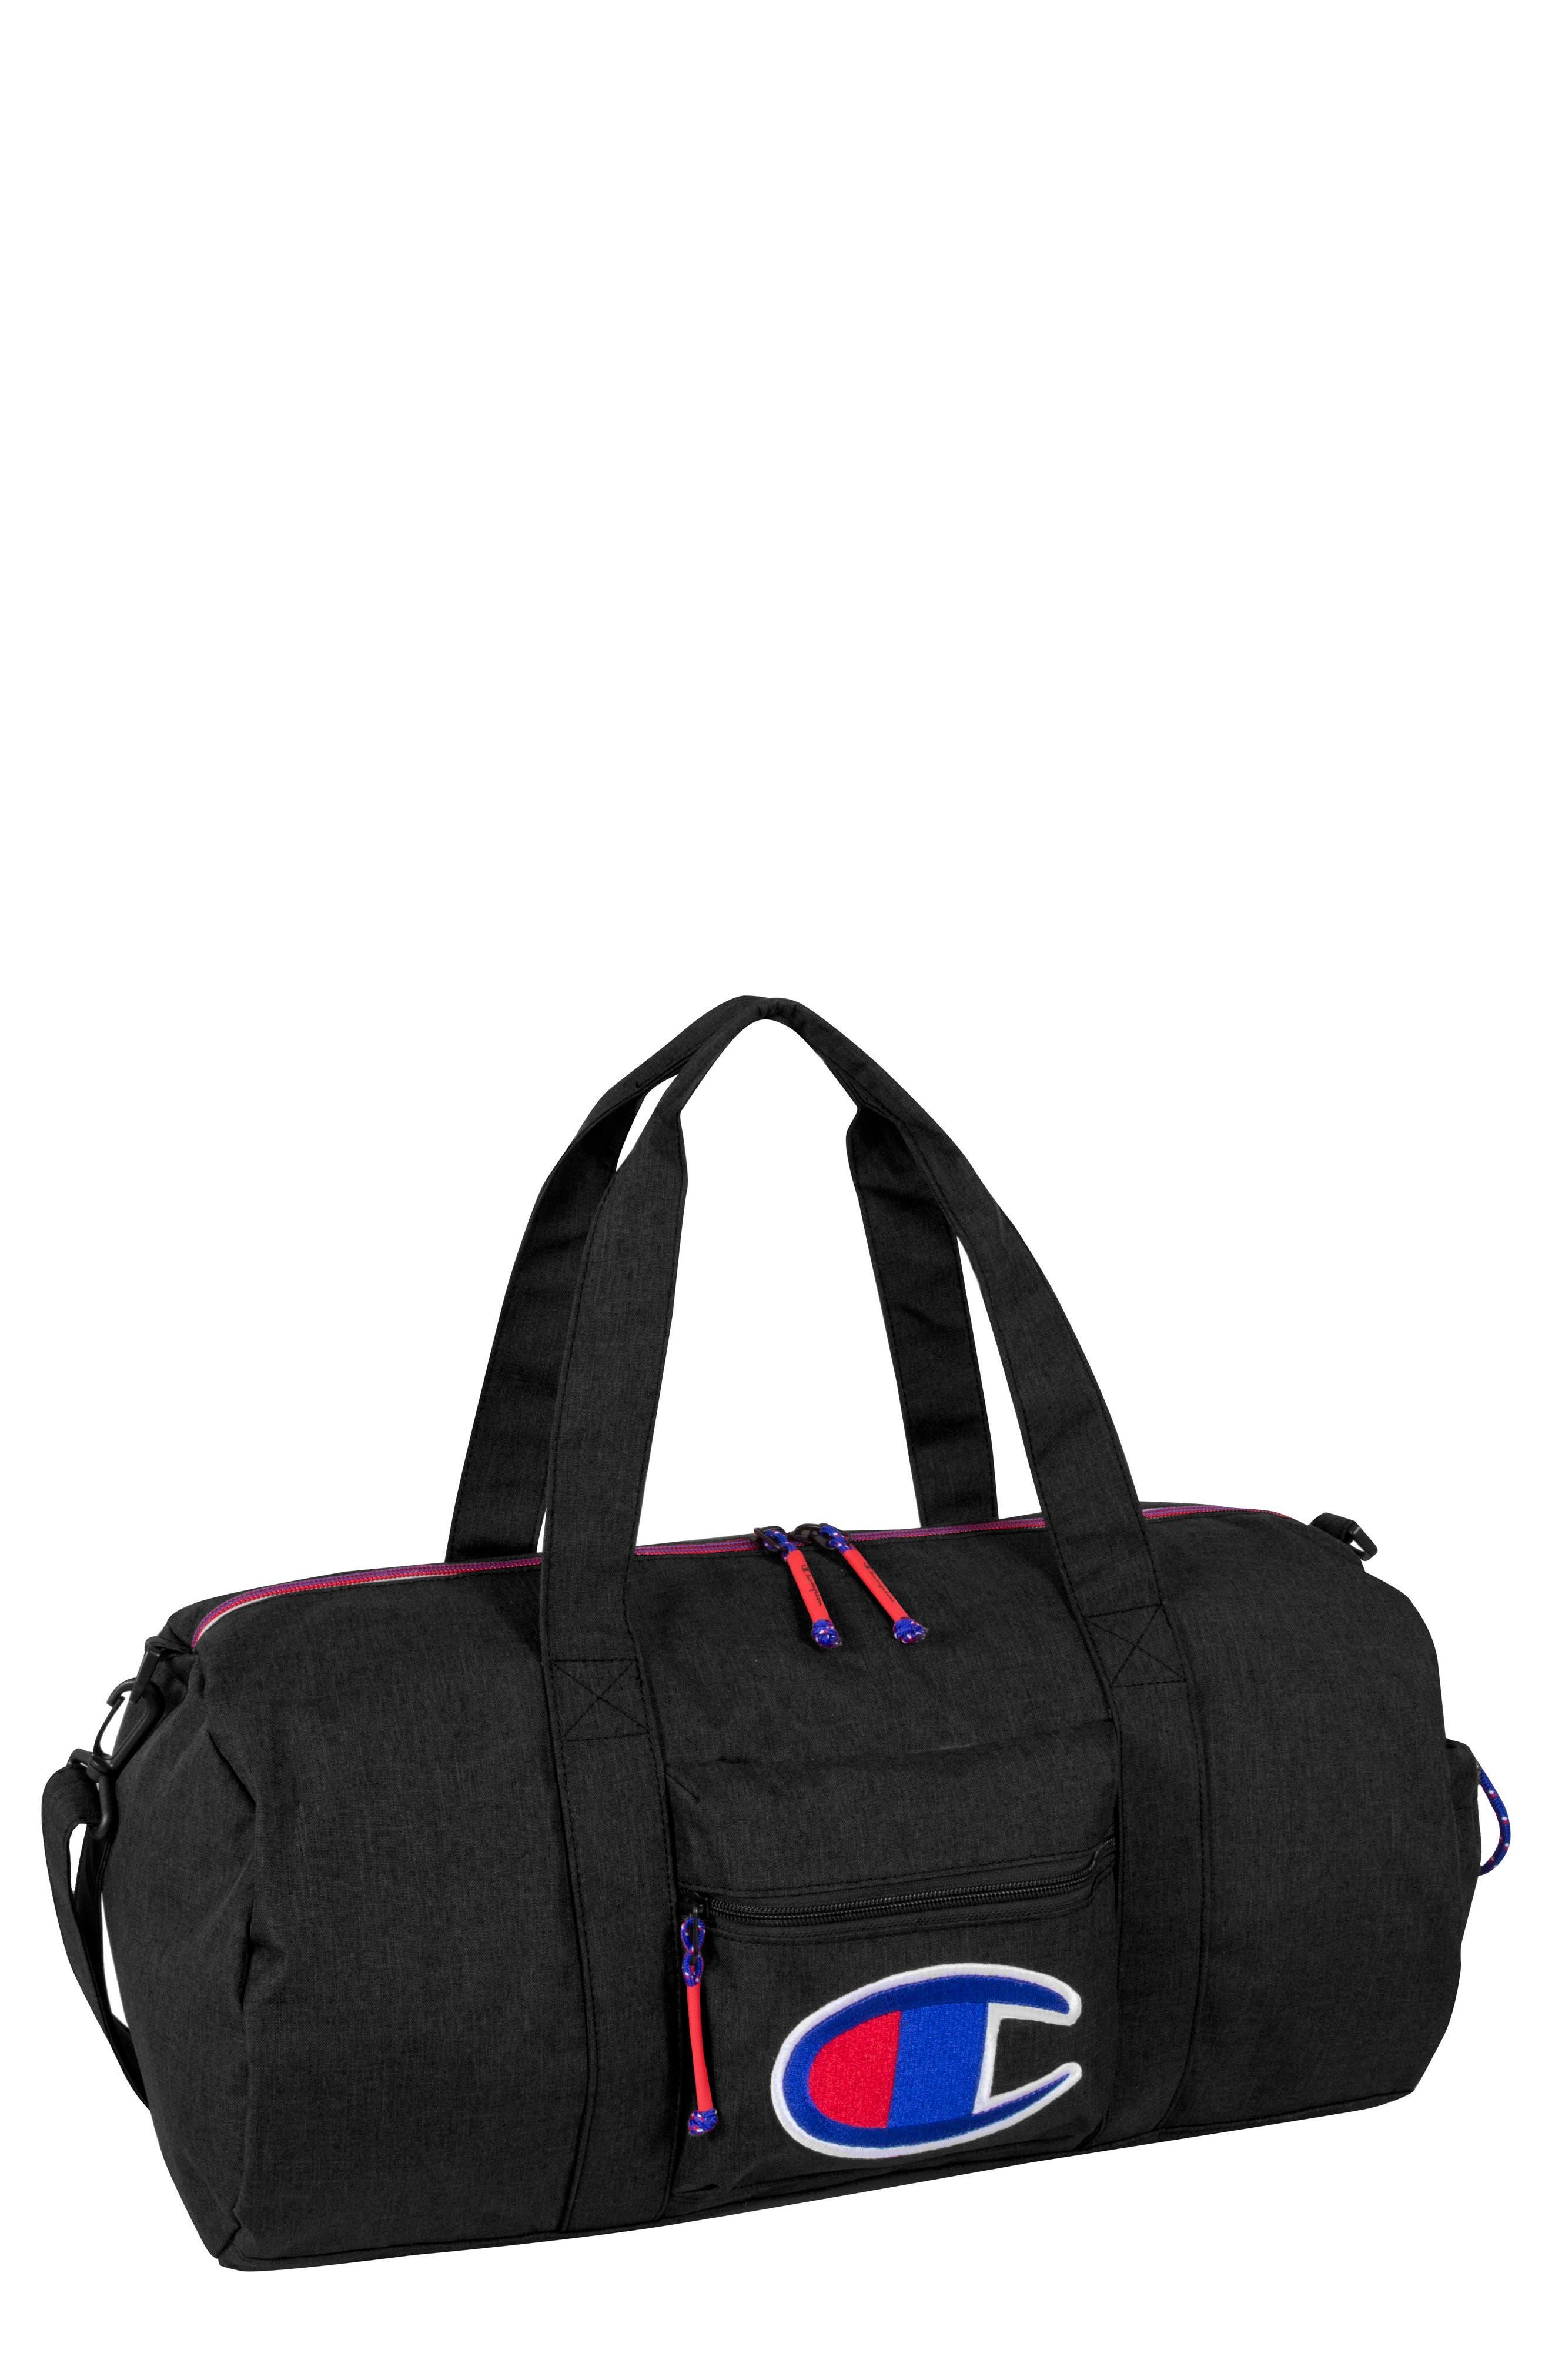 Barrel Duffel Bag,                         Main,                         color, Black Heather